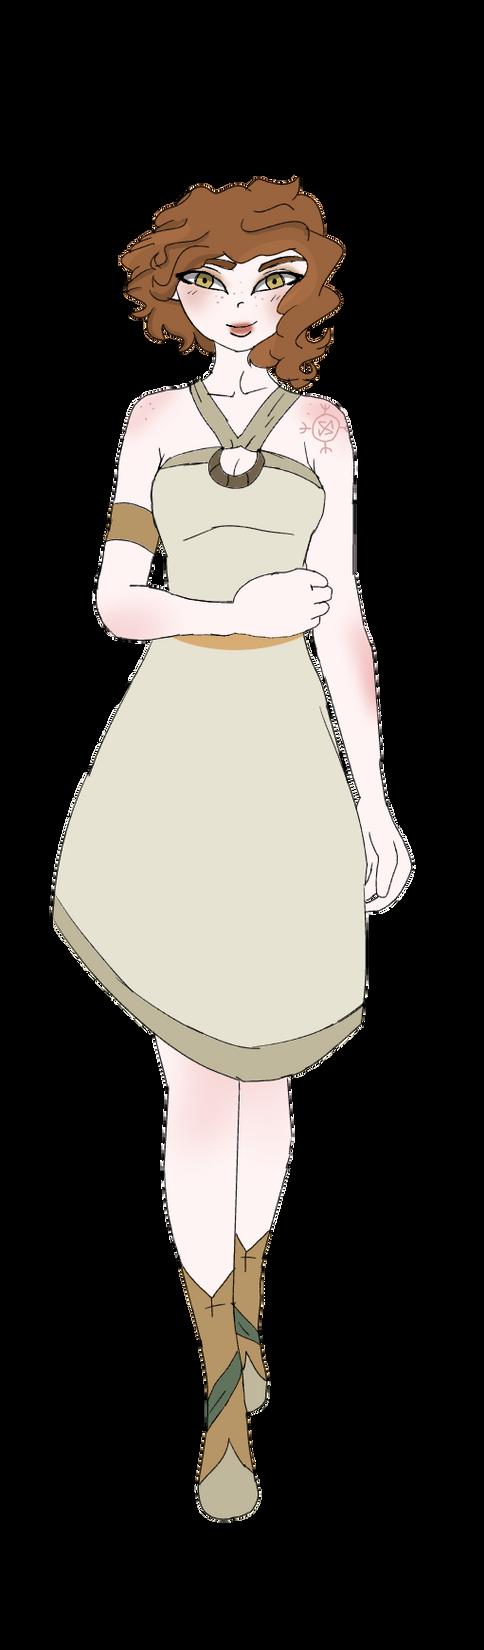 Freya by SaltyLittleMidget